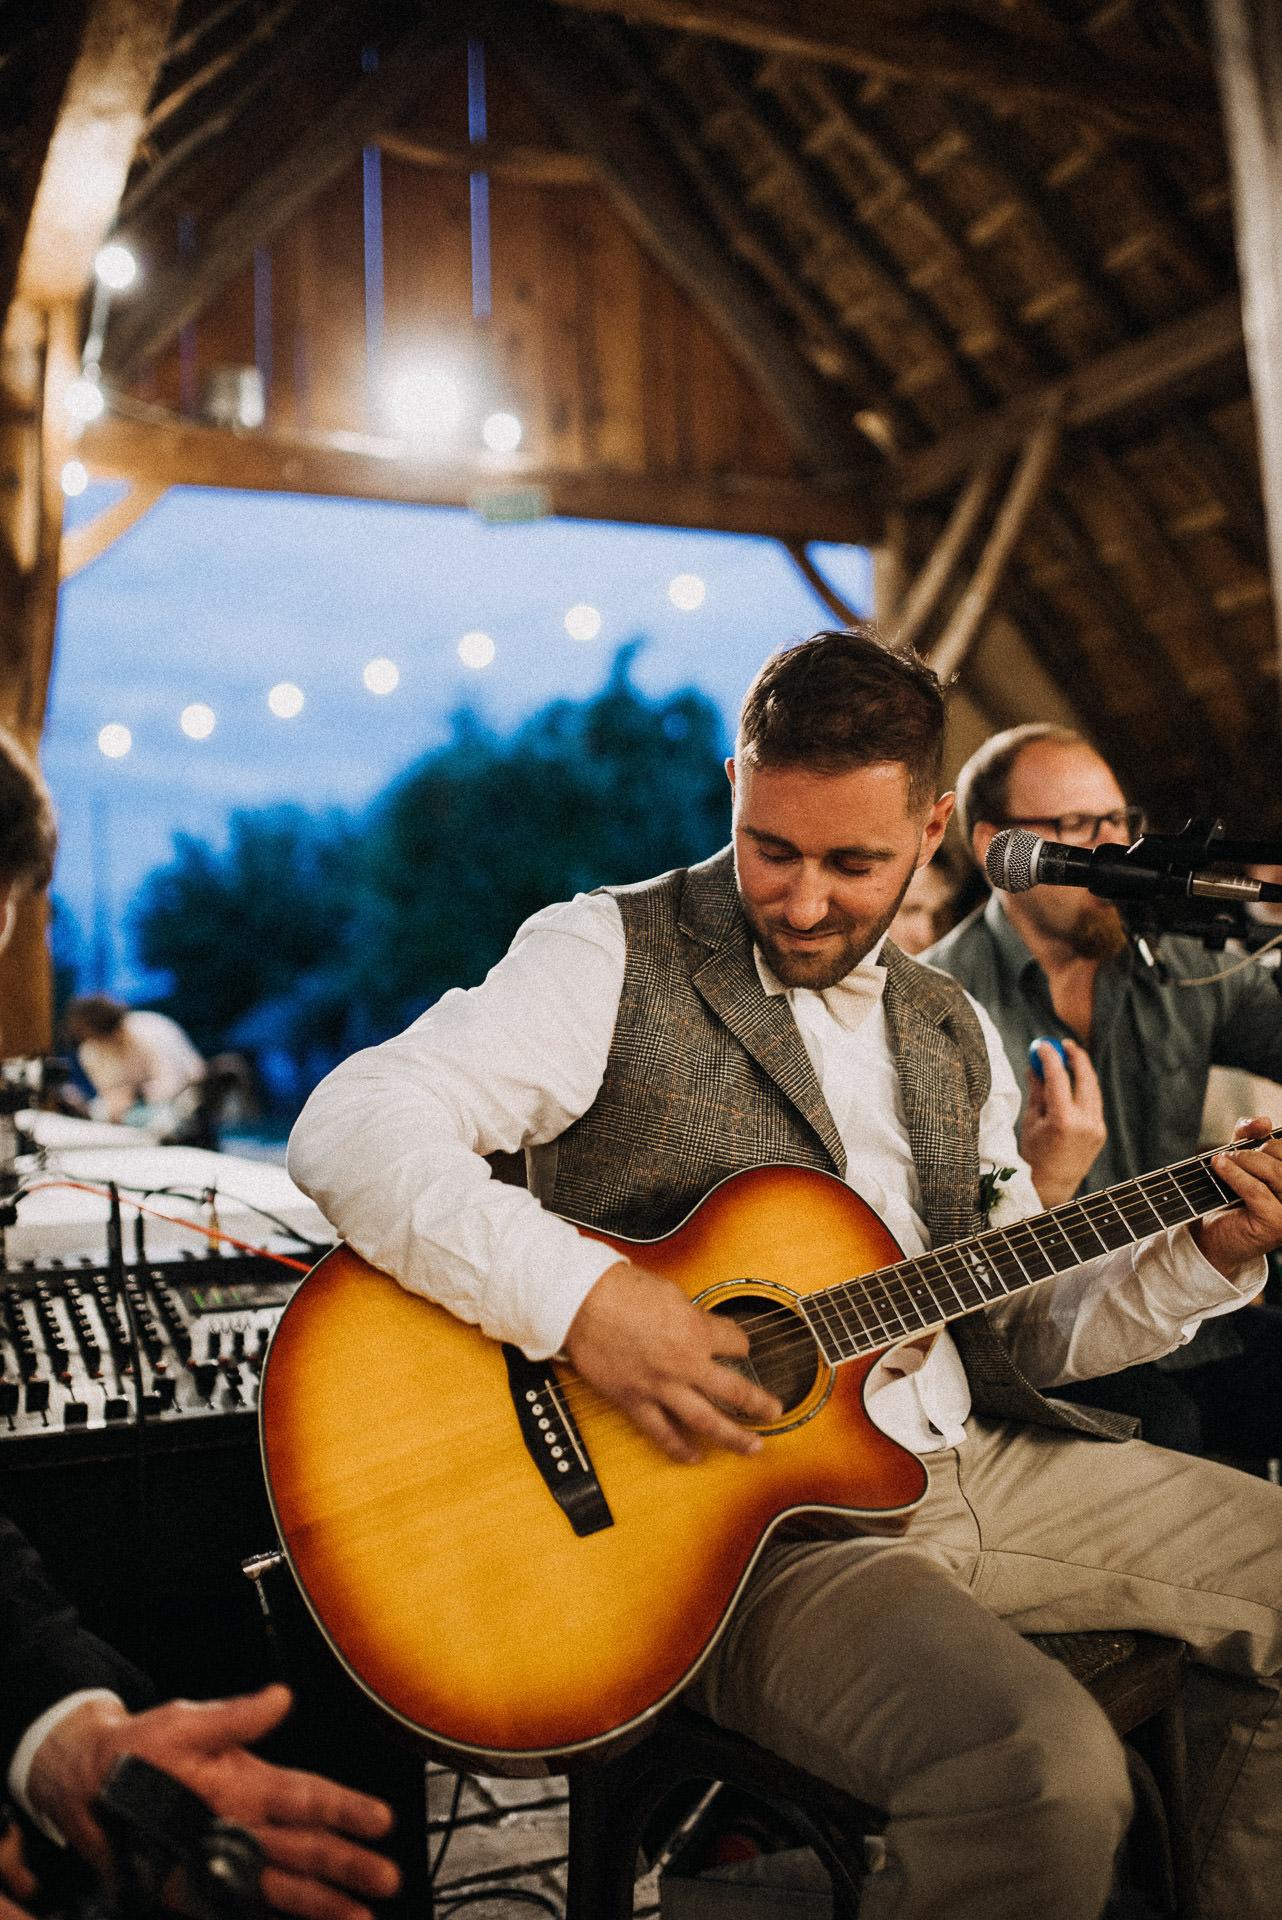 music guitar groom volegeny gitar zene